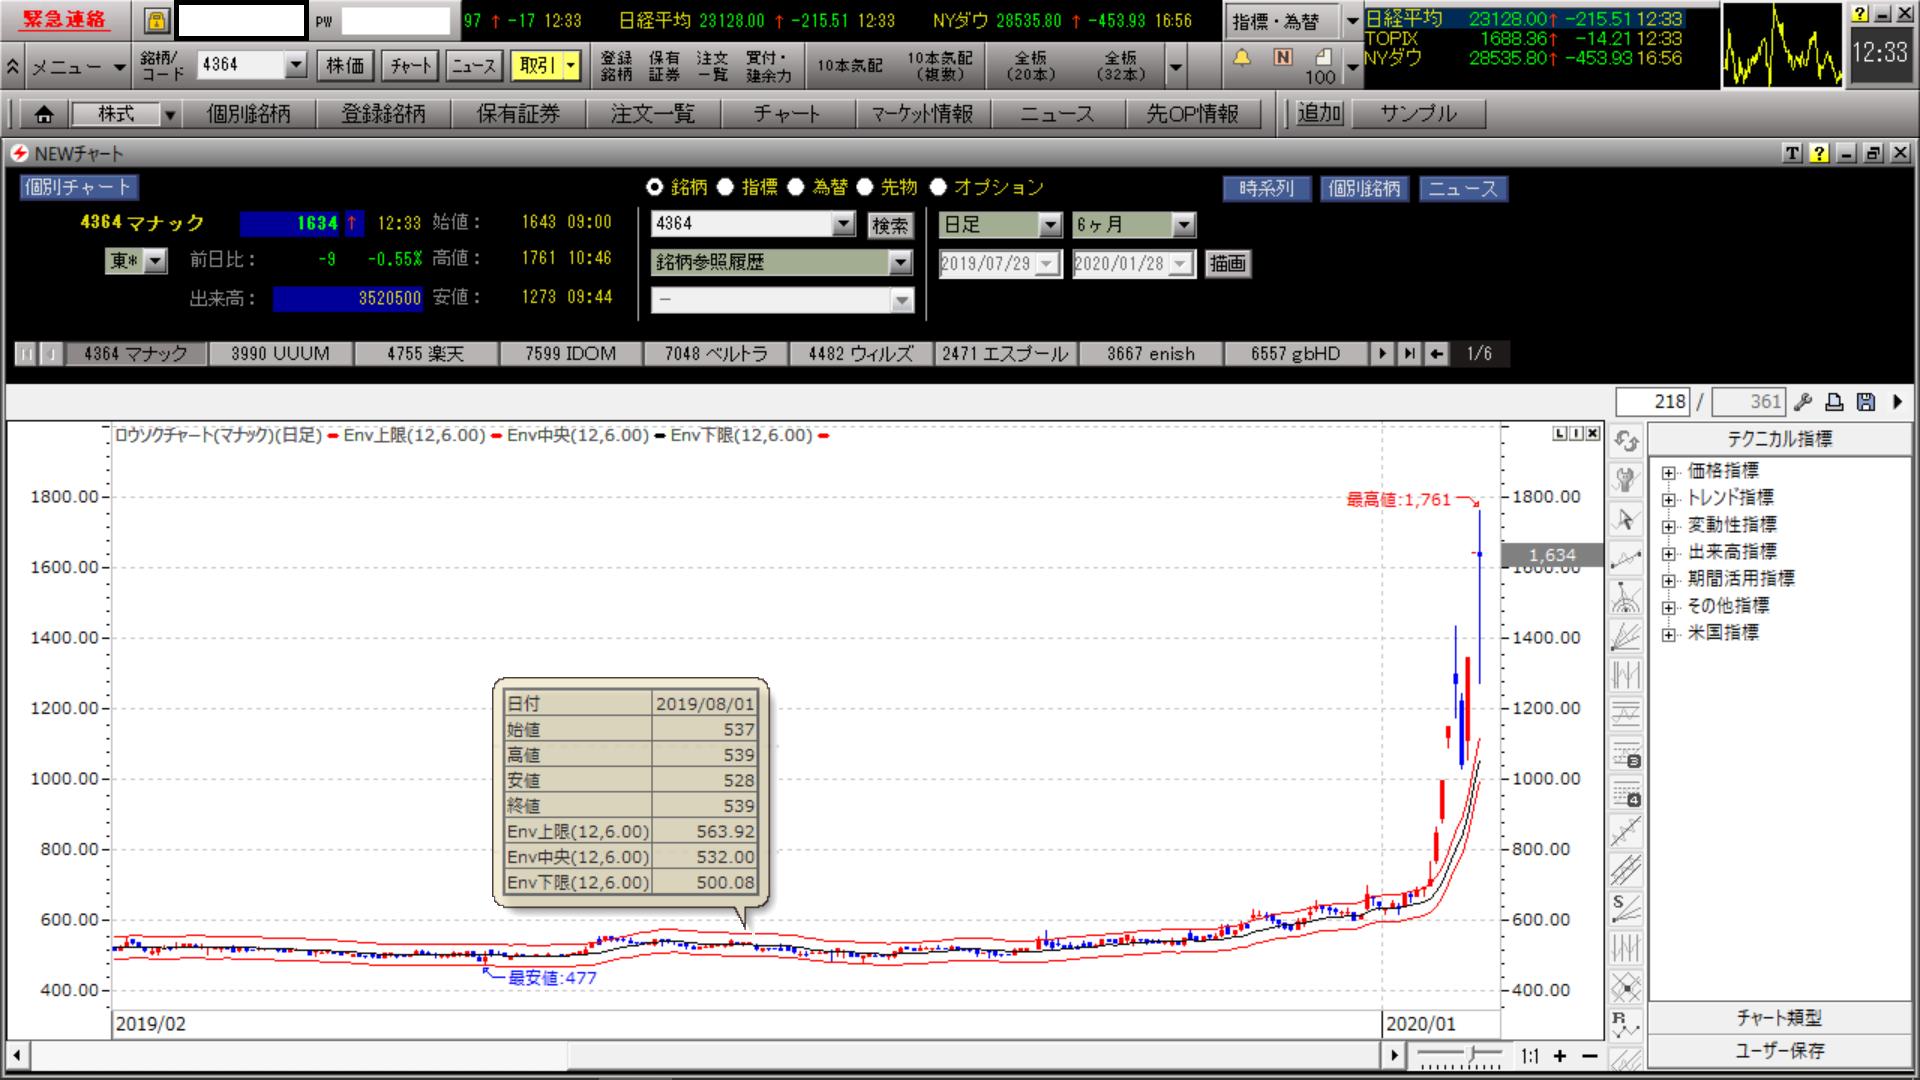 株価 マナック